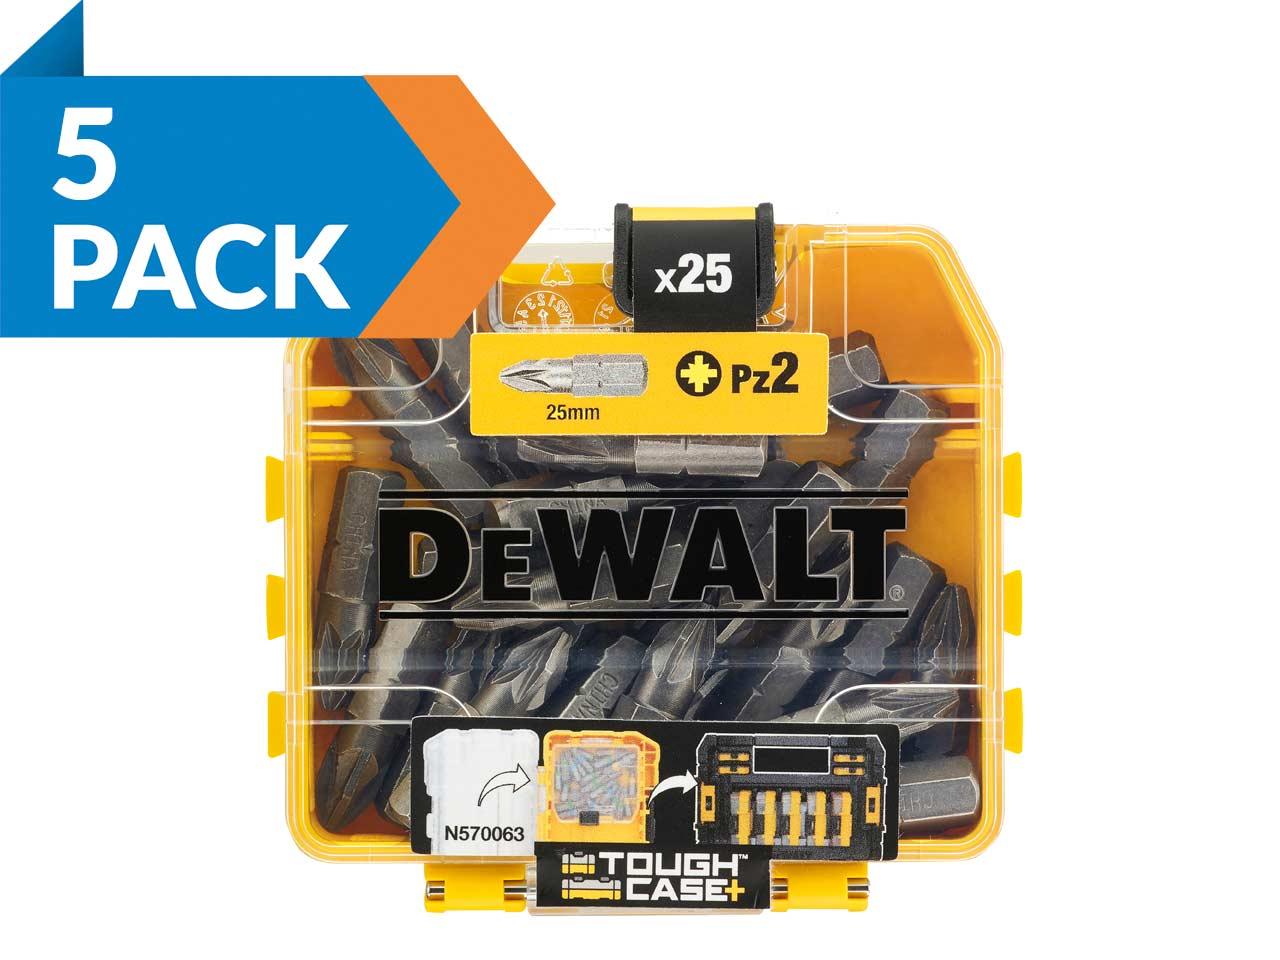 Dewalt_DT71521x5v2.jpg